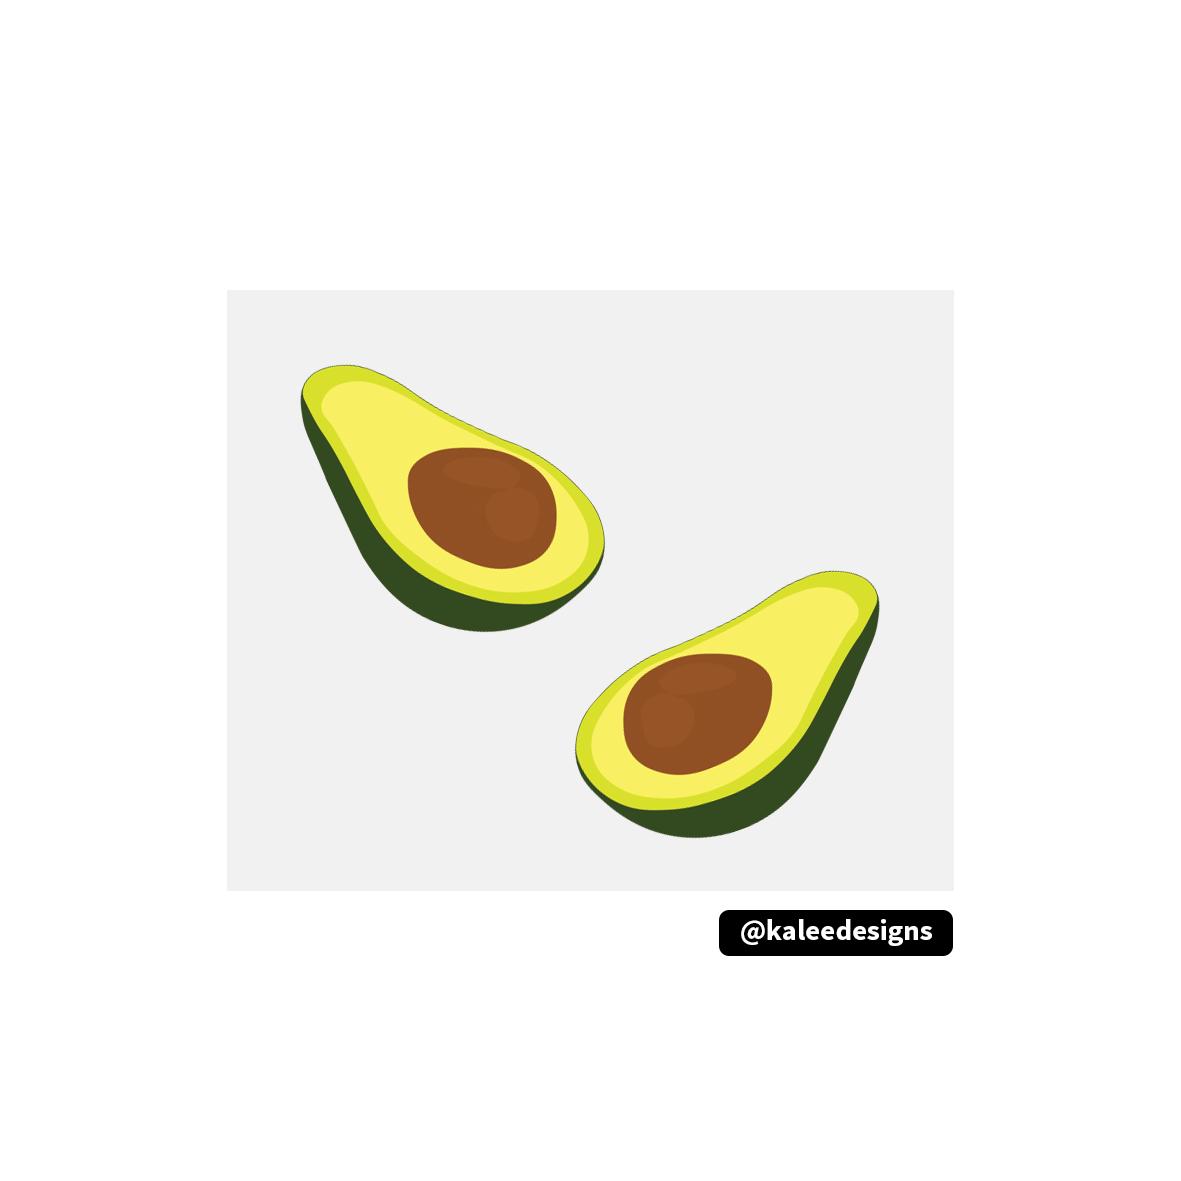 avocado avocadoillustration avo guacamole guac food